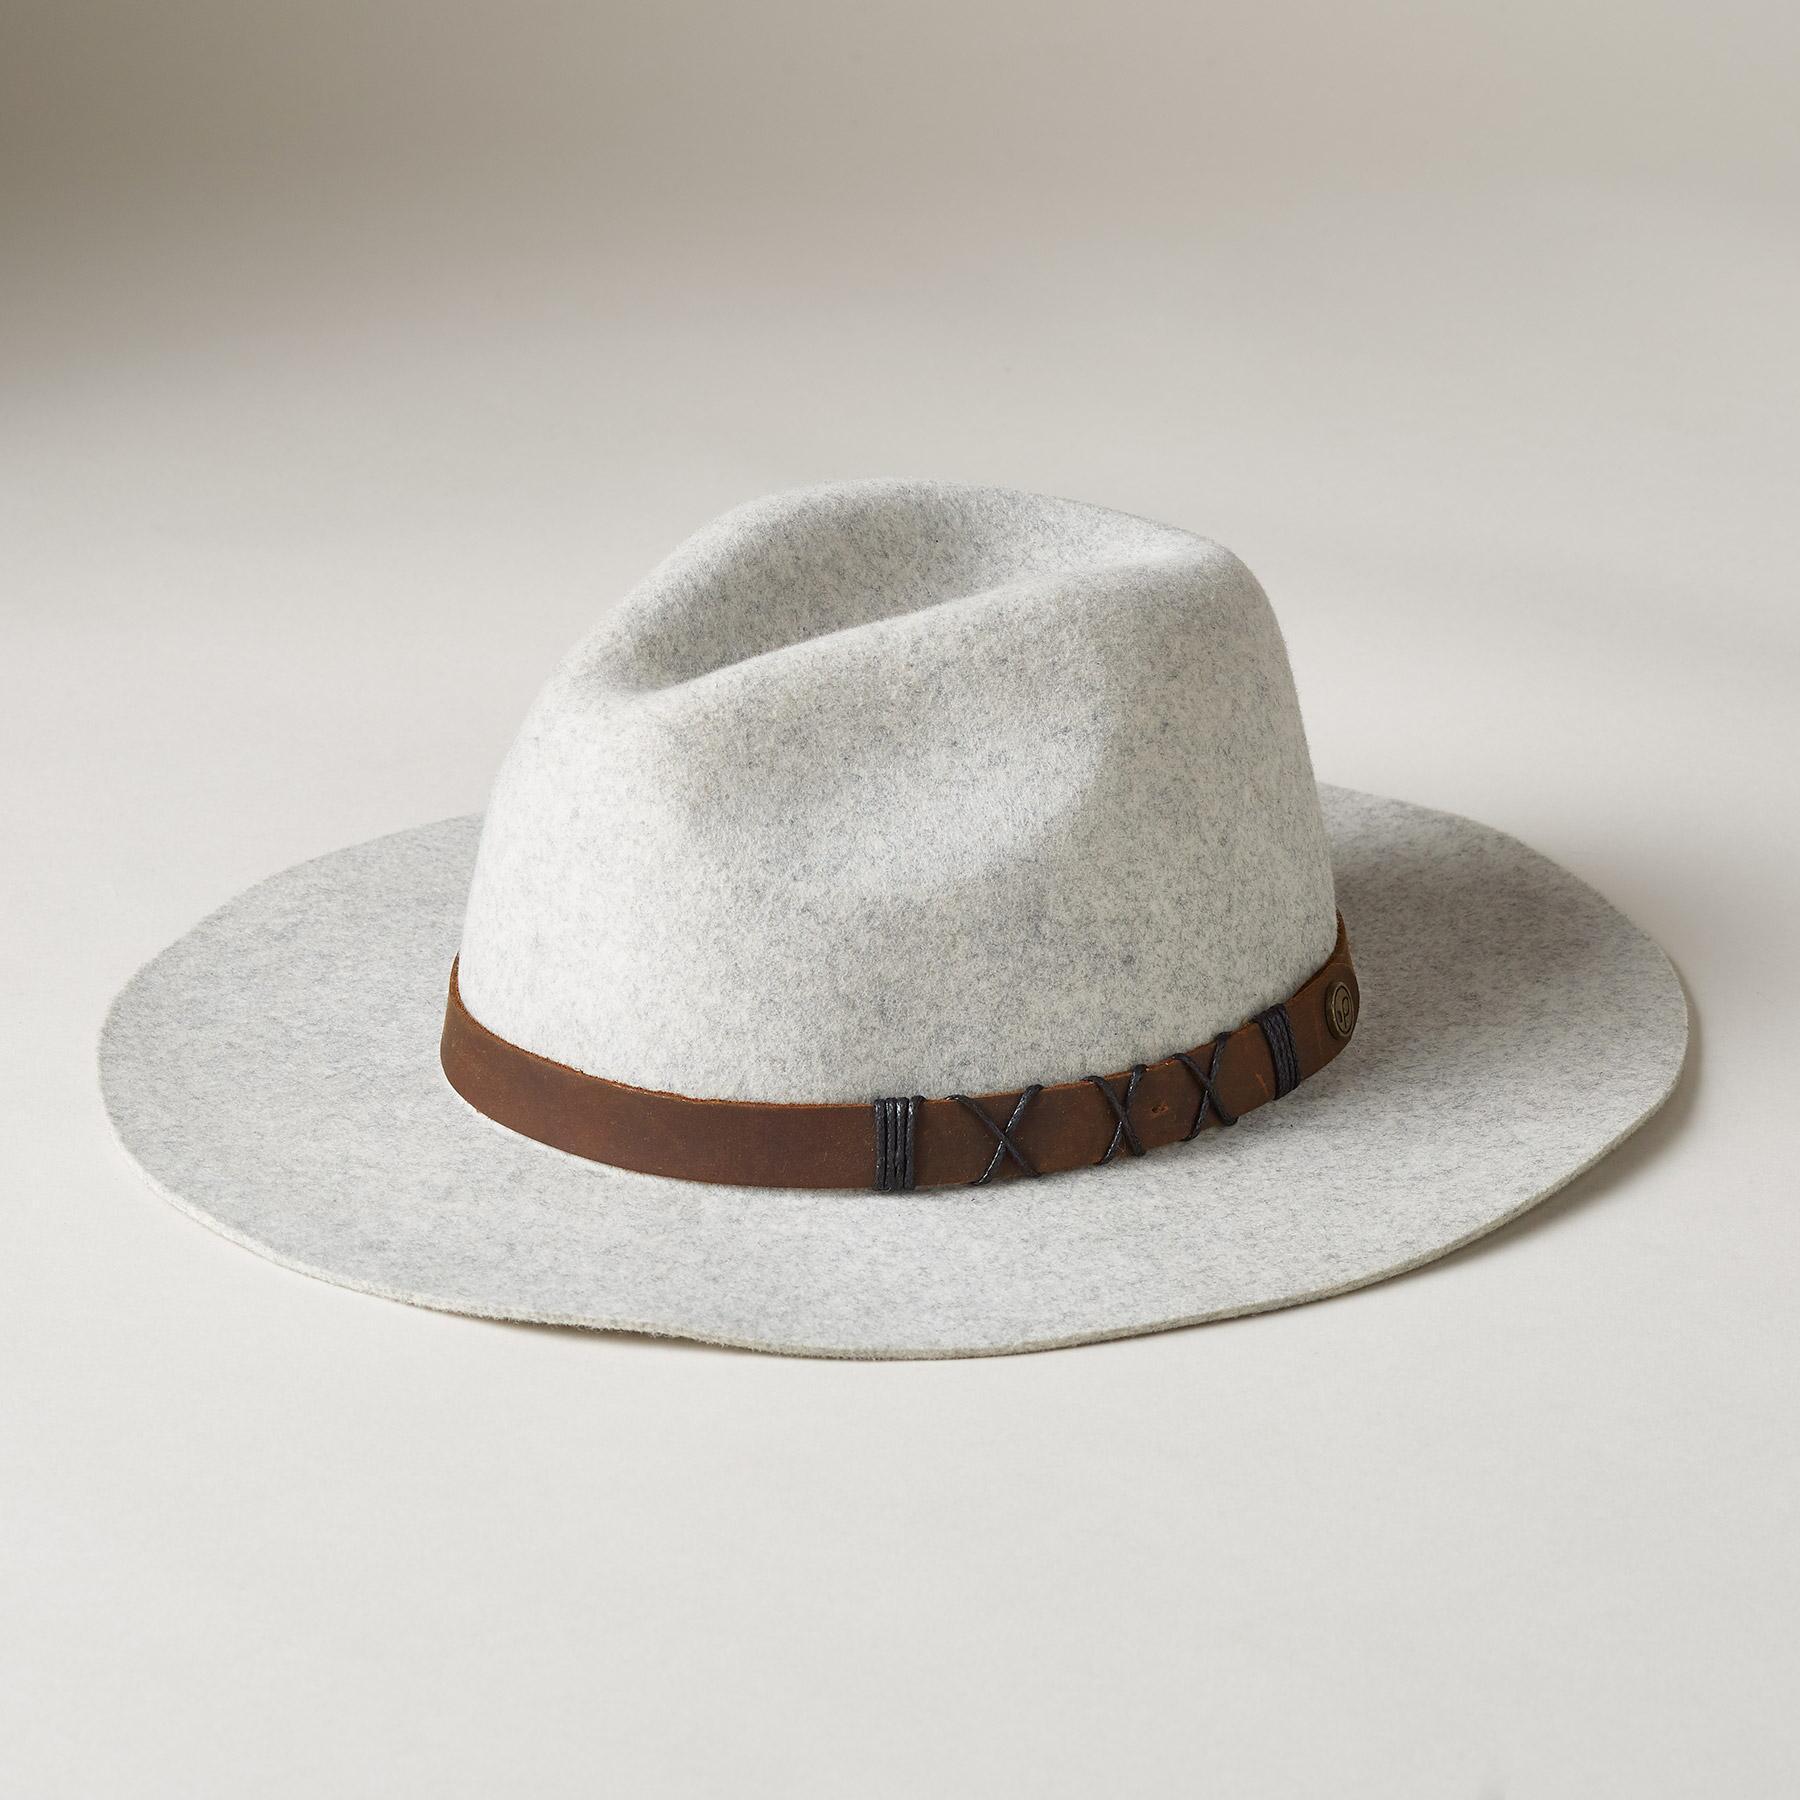 SOHO HAT: View 1